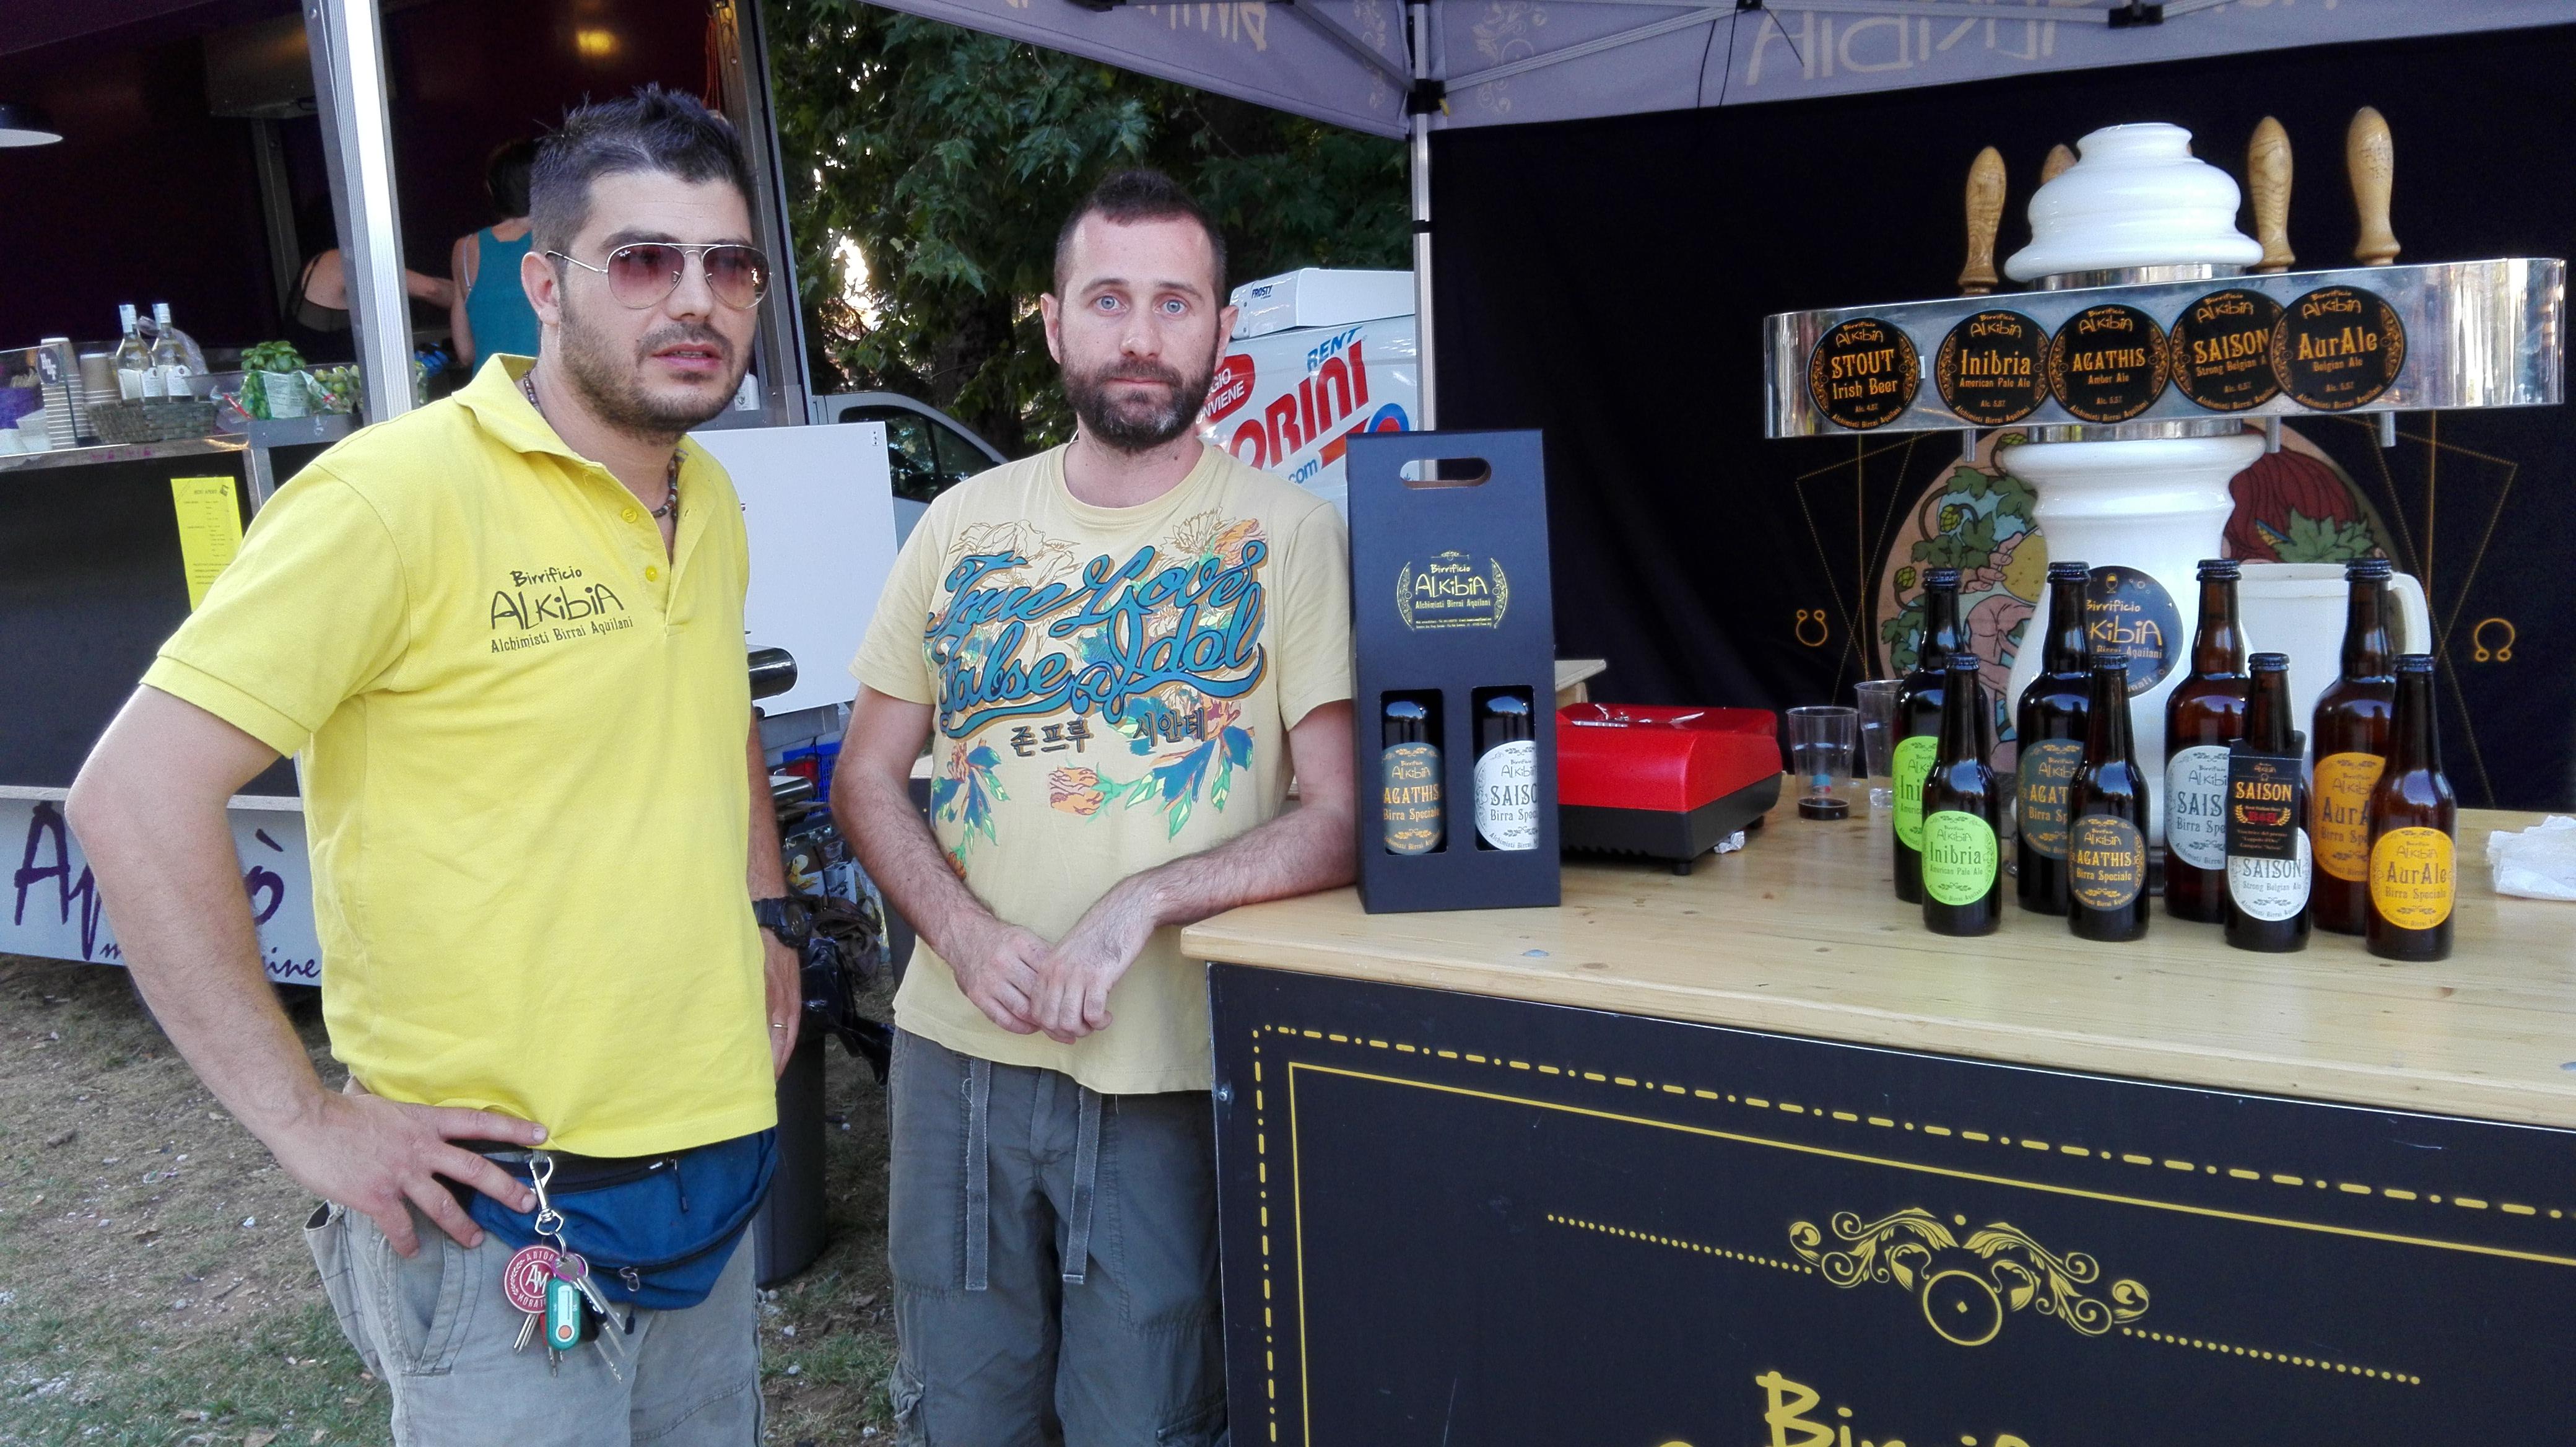 L'Aquila, Festival della partecipazione: c'è anche street food